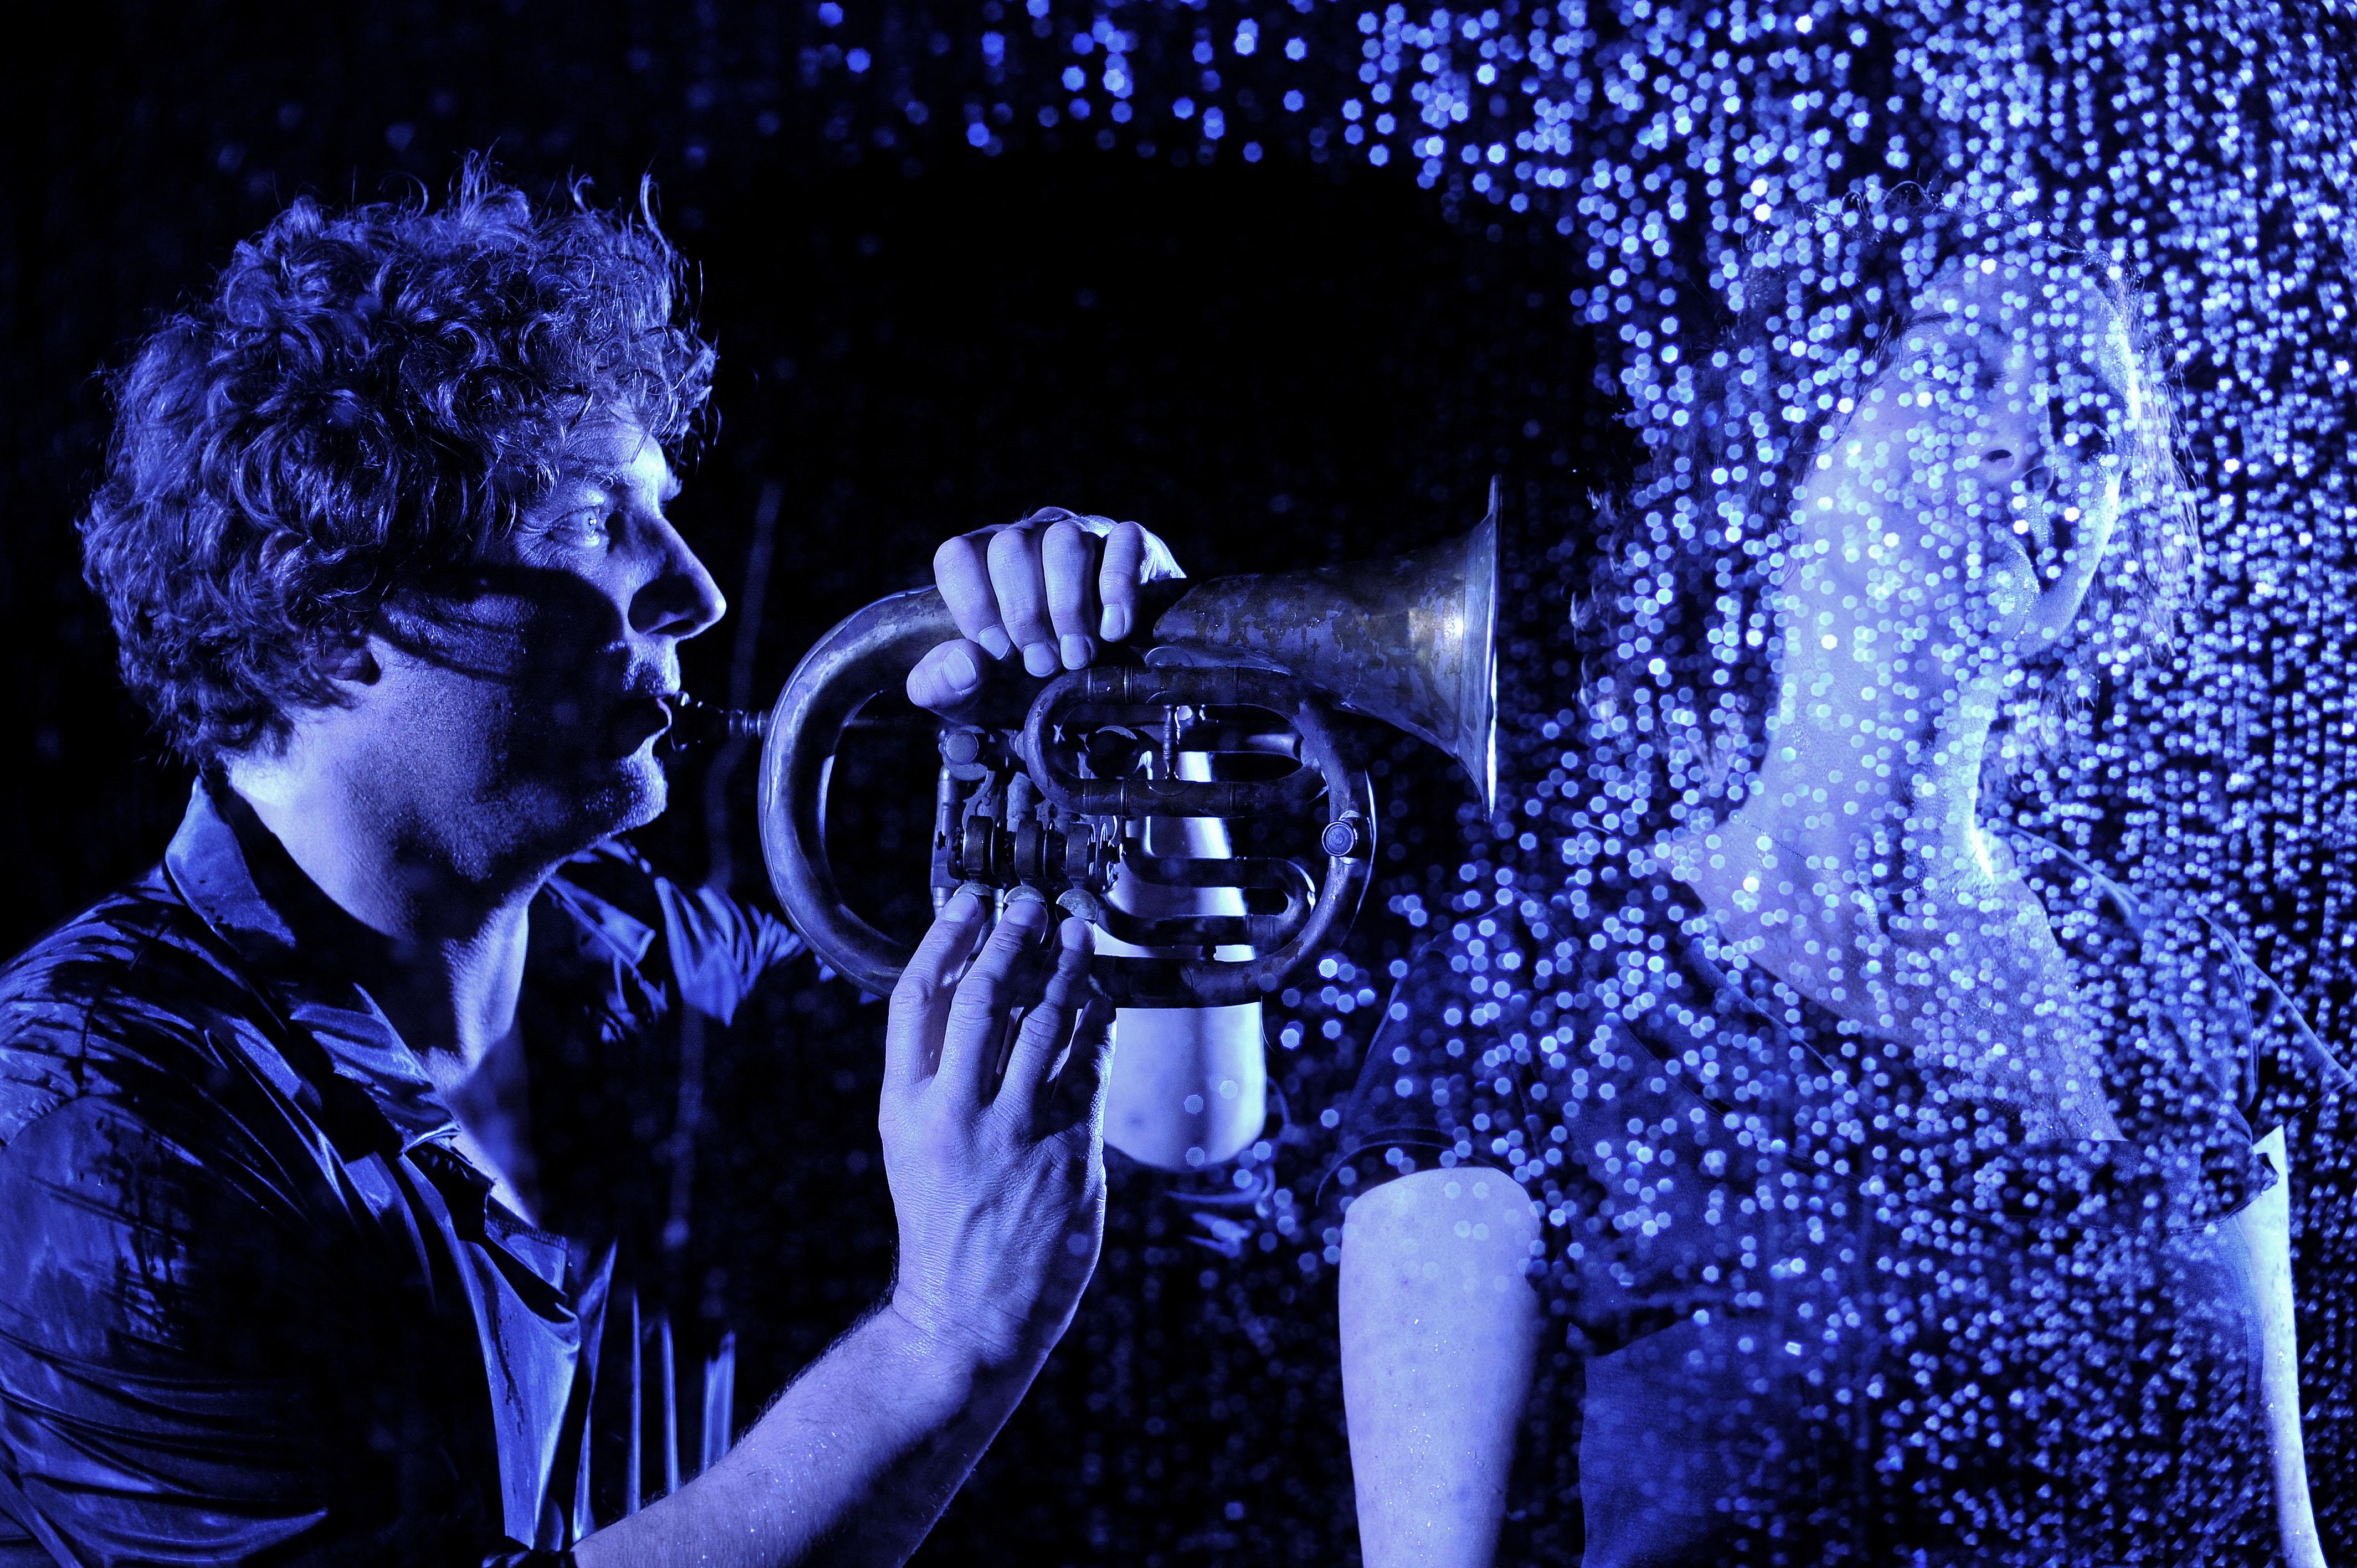 Tournage de vidéo-clip par Pierre Terrasson      (c)G.Roussel - contact : +33 6 86.70.70.68 mail: g.roussel.apercu@gmail.com